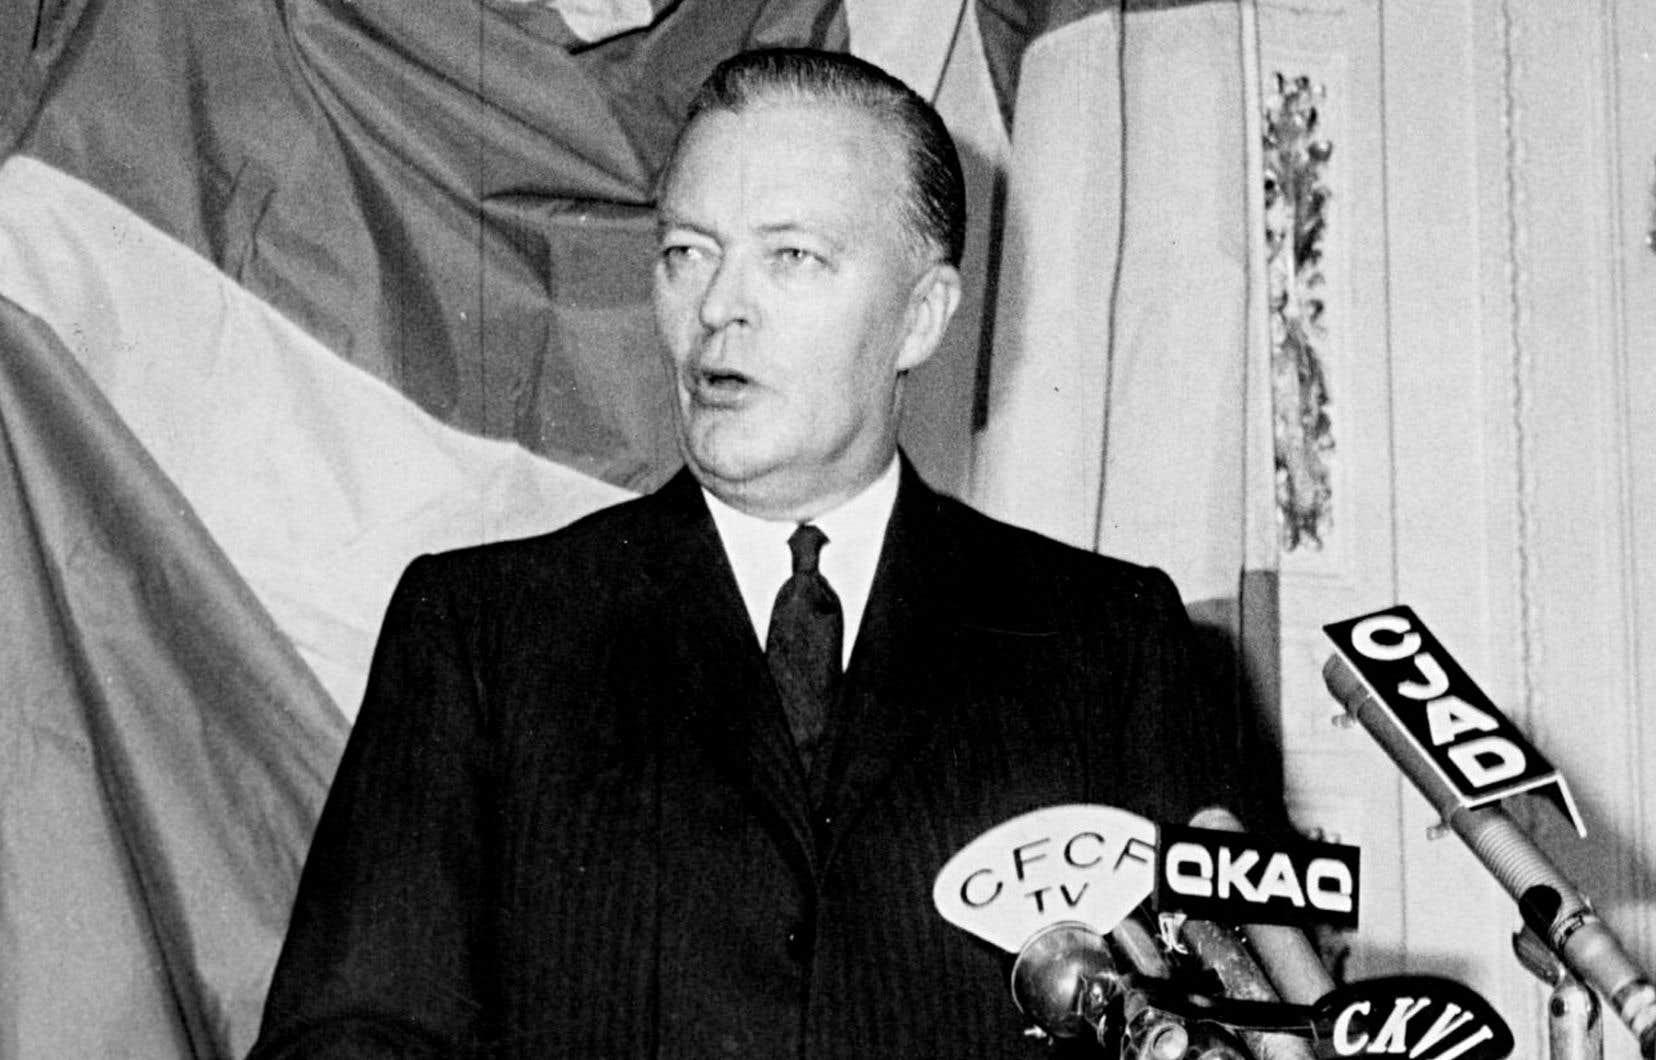 Lorsque Jean Lesage est élu premier ministre du Québec, il est déjà un vieux routier de la politique fédérale, habitué des effets de toge et de poses de voix dignes des concours oratoires des collèges classiques dont il est un produit.